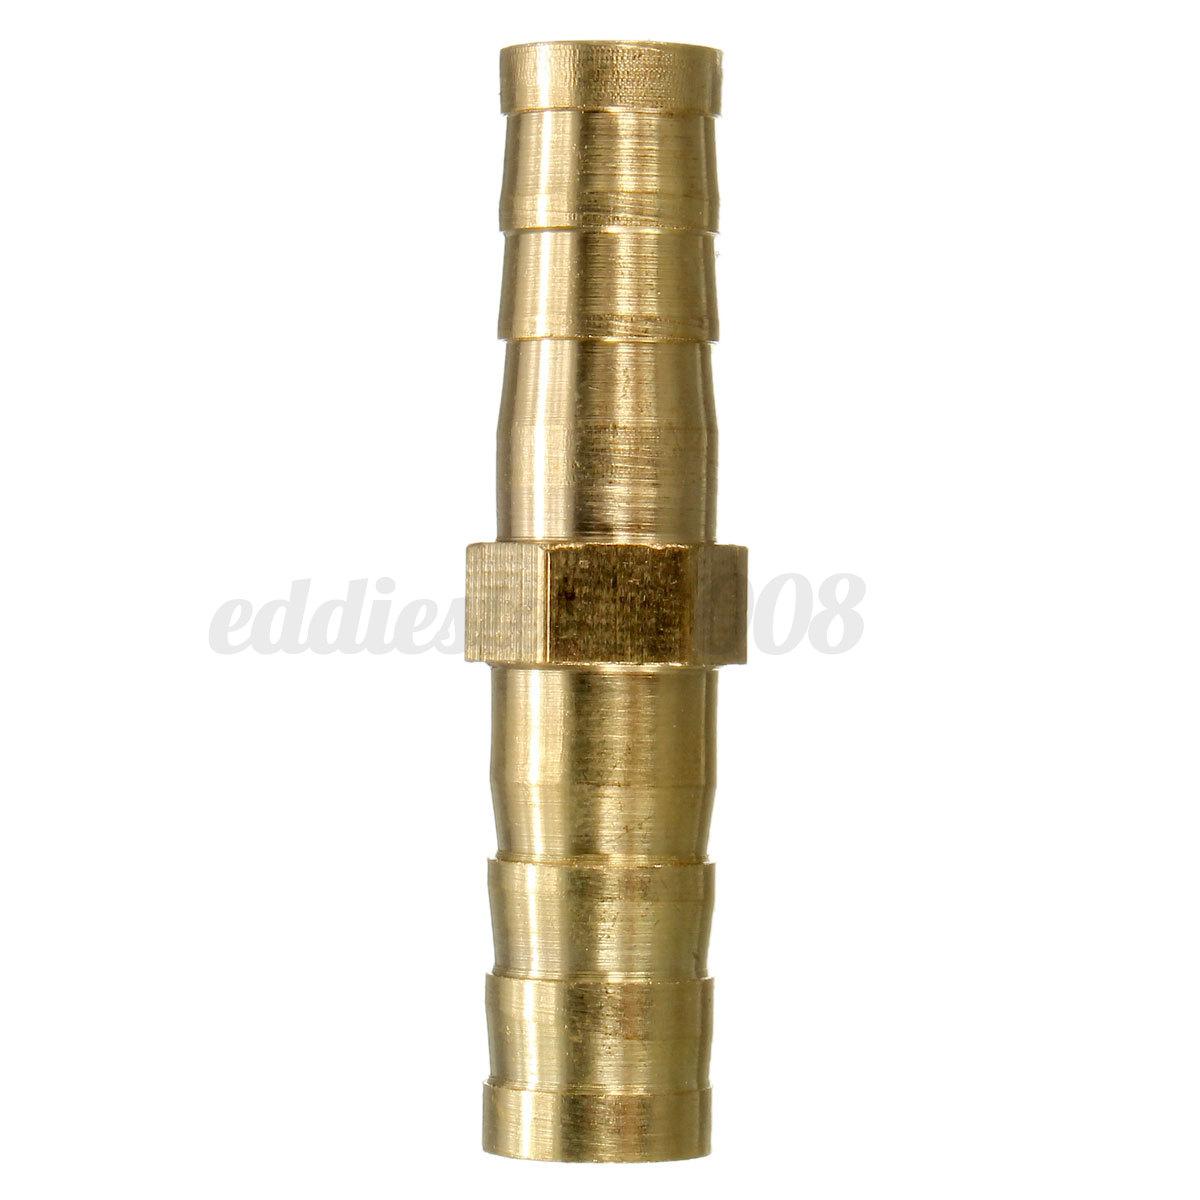 Φ mm brass hose tail connectors for fuel water air